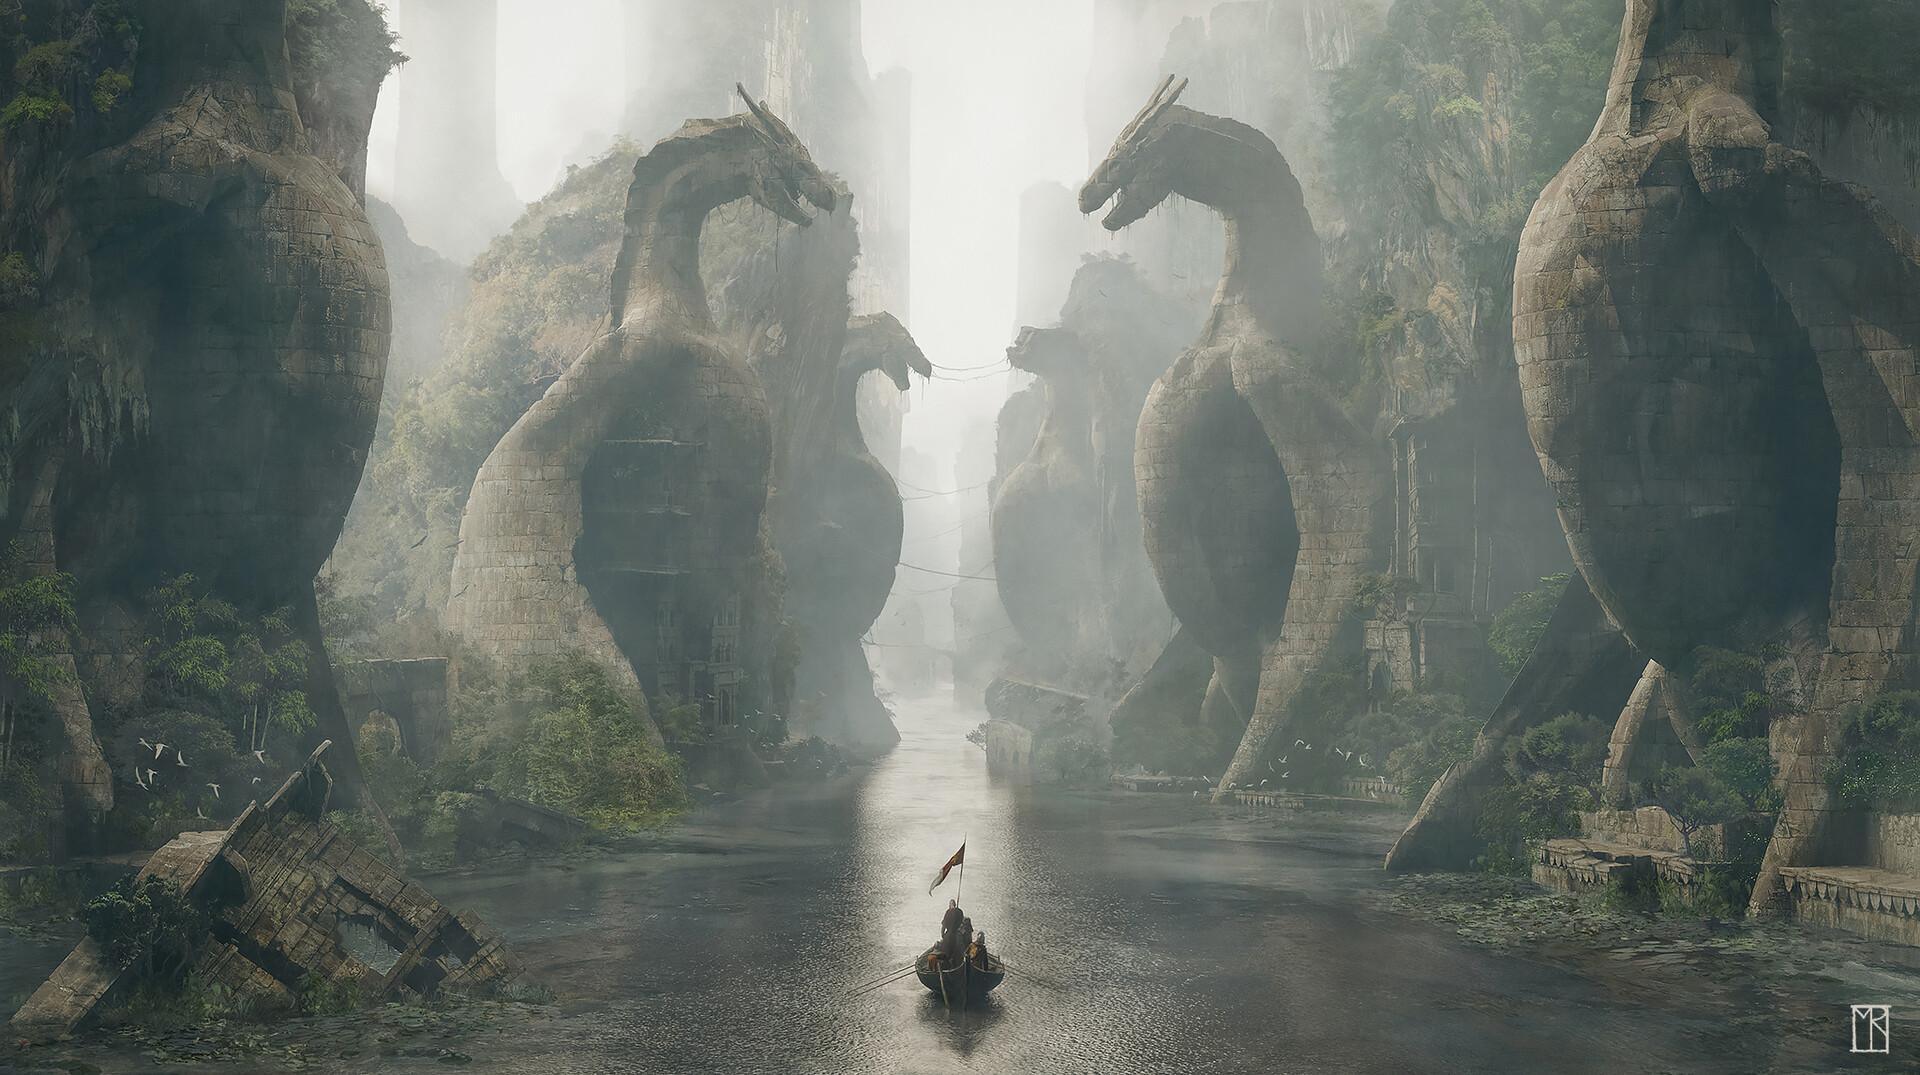 Sailing a boat between dragon statues